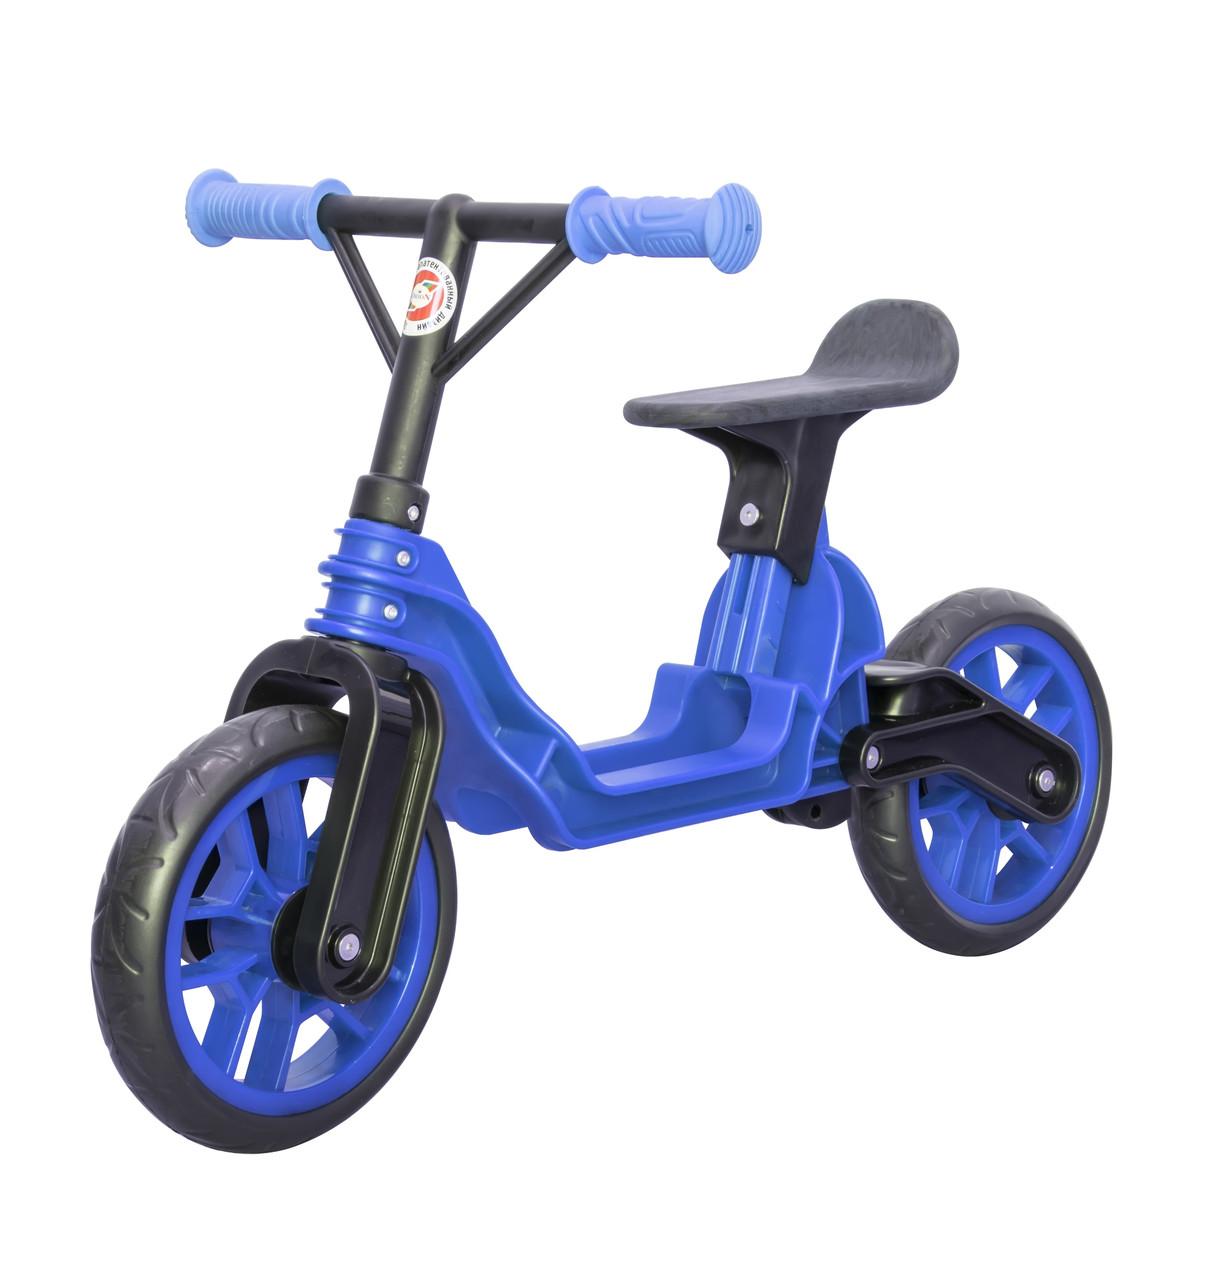 Мотоцикл 2-х колёсный Байк беговел синий